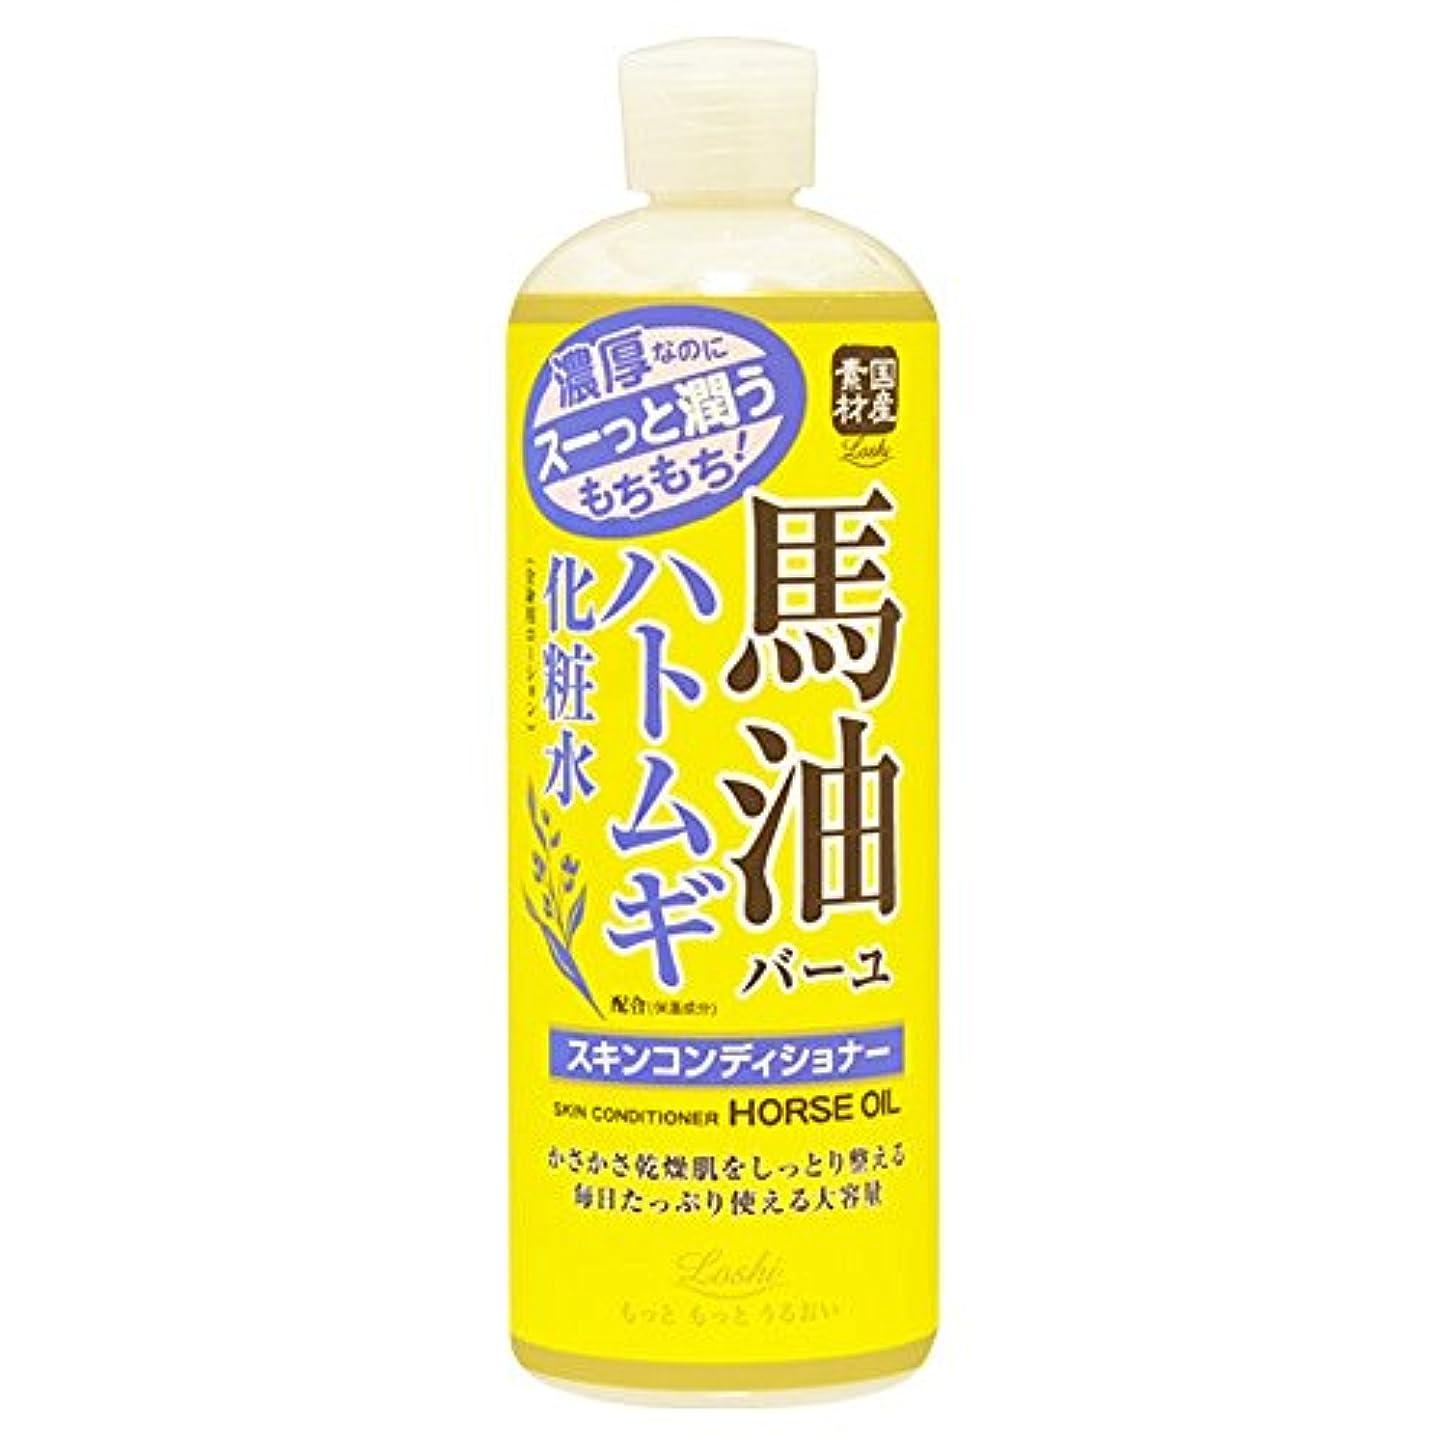 区別するエイズ核ロッシモイストエイド スキンコンディショナー 馬油&ハトムギ 500ml (化粧水 ローション 高保湿)